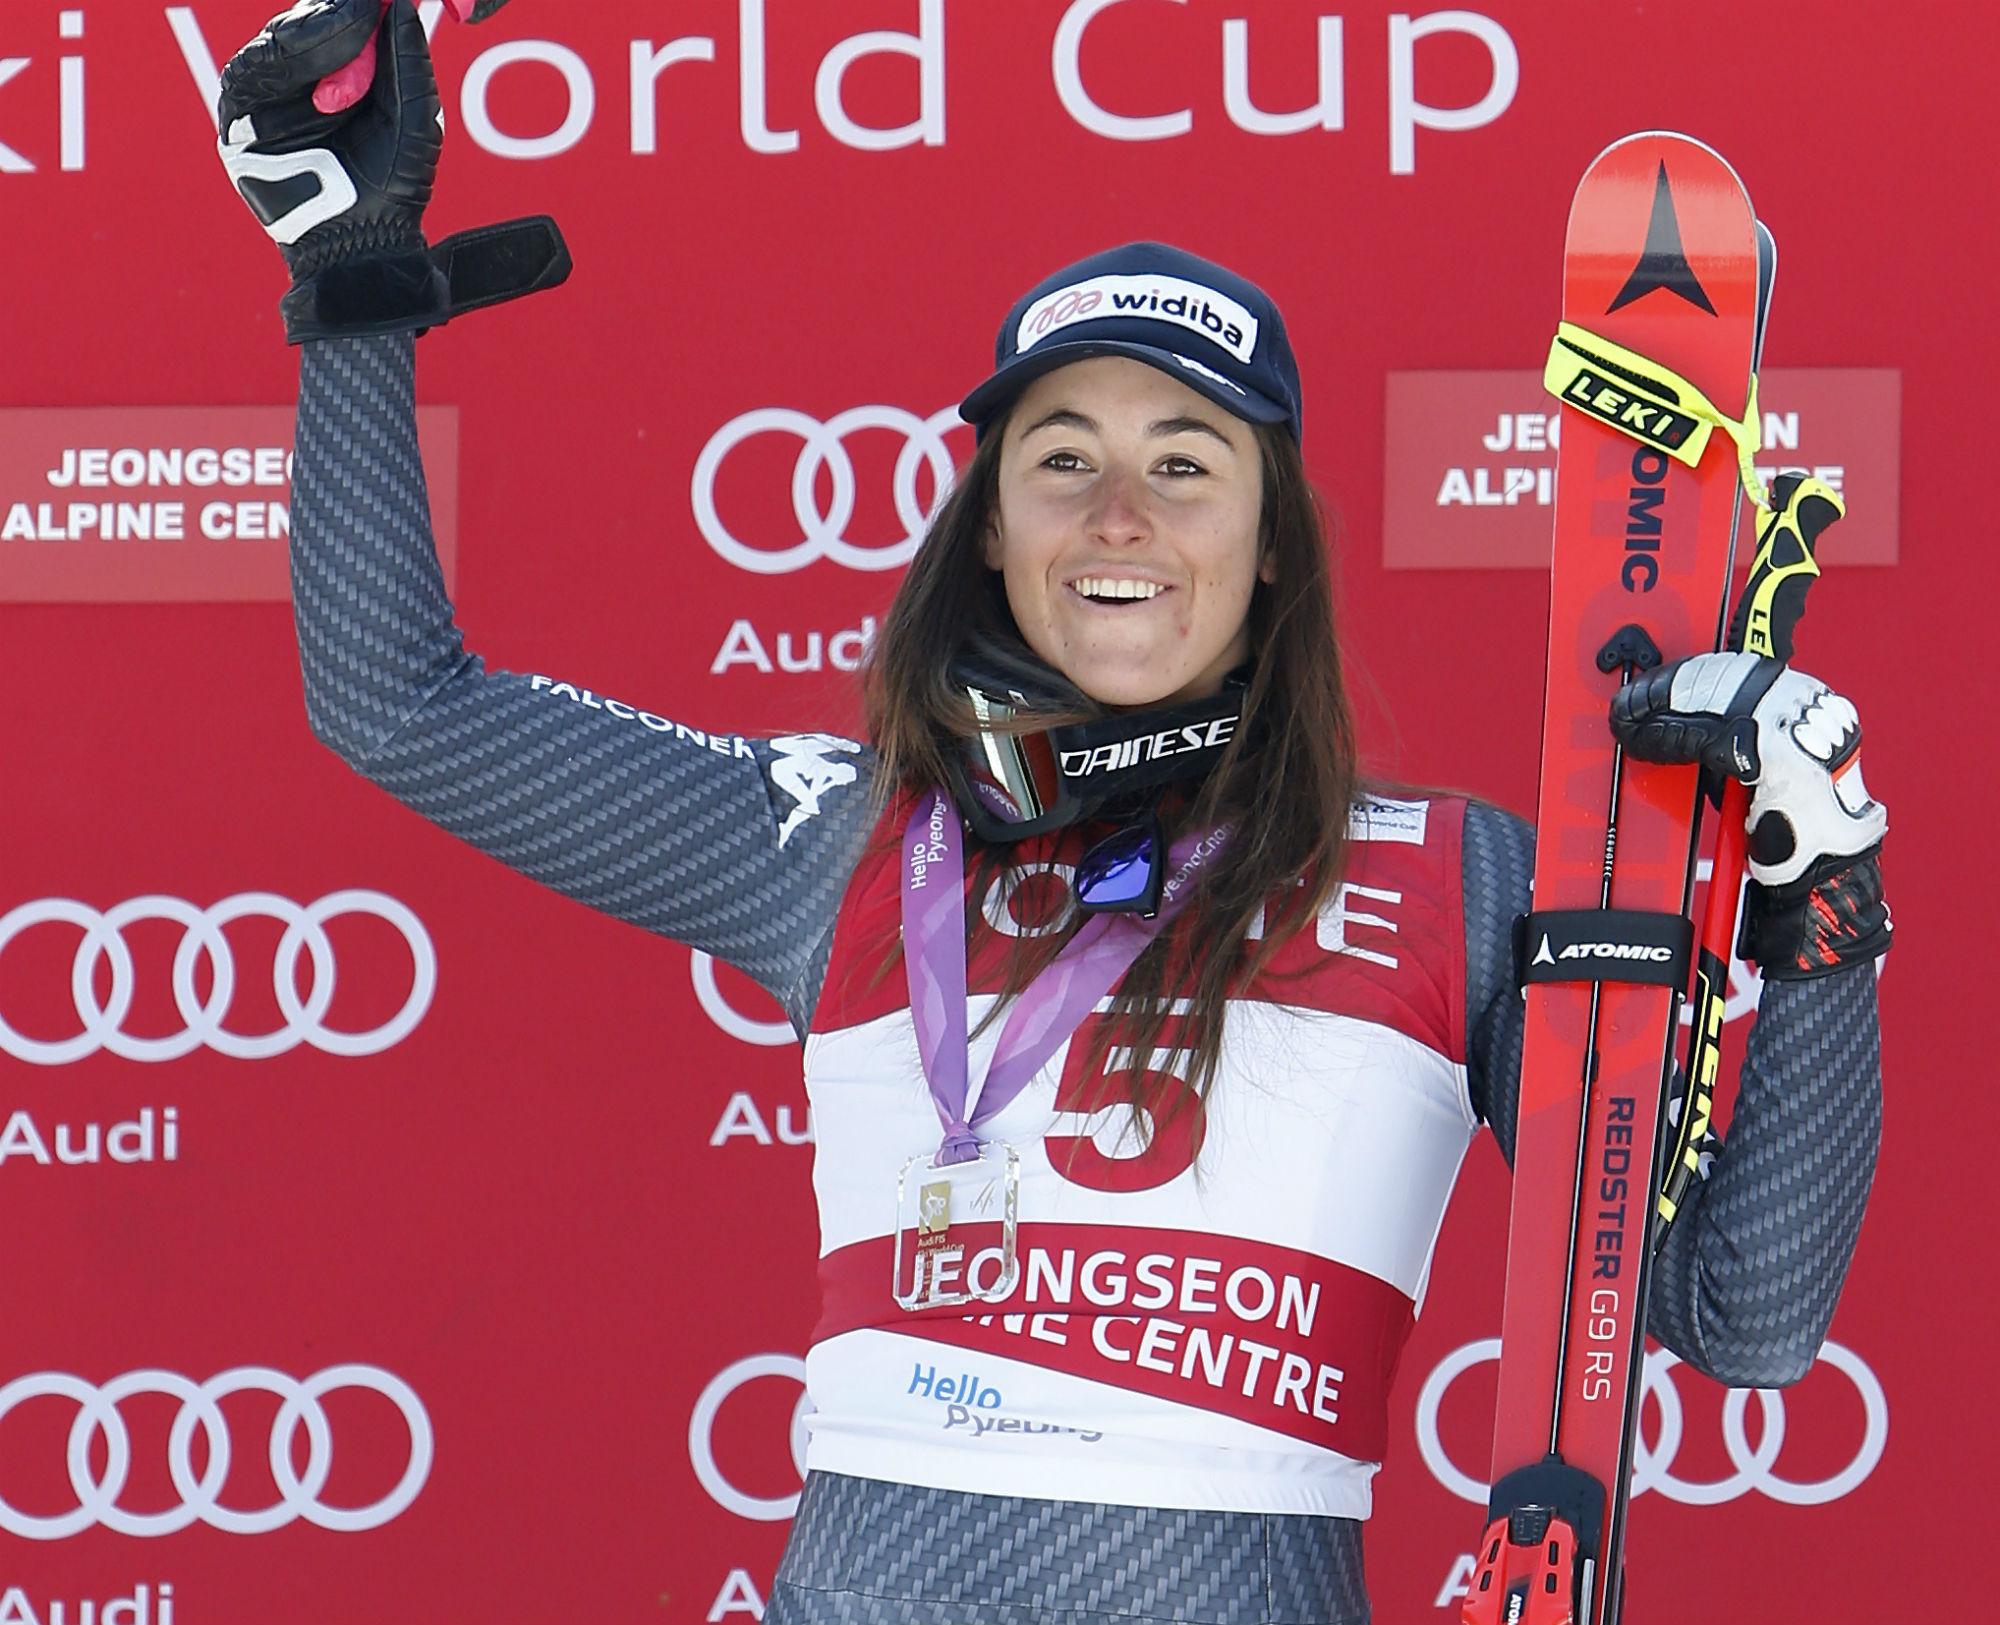 Sofia Goggia, prima vittoria in Coppa del Mondo. A Jeongseon sulla pista olimpica (@Zoom agence)